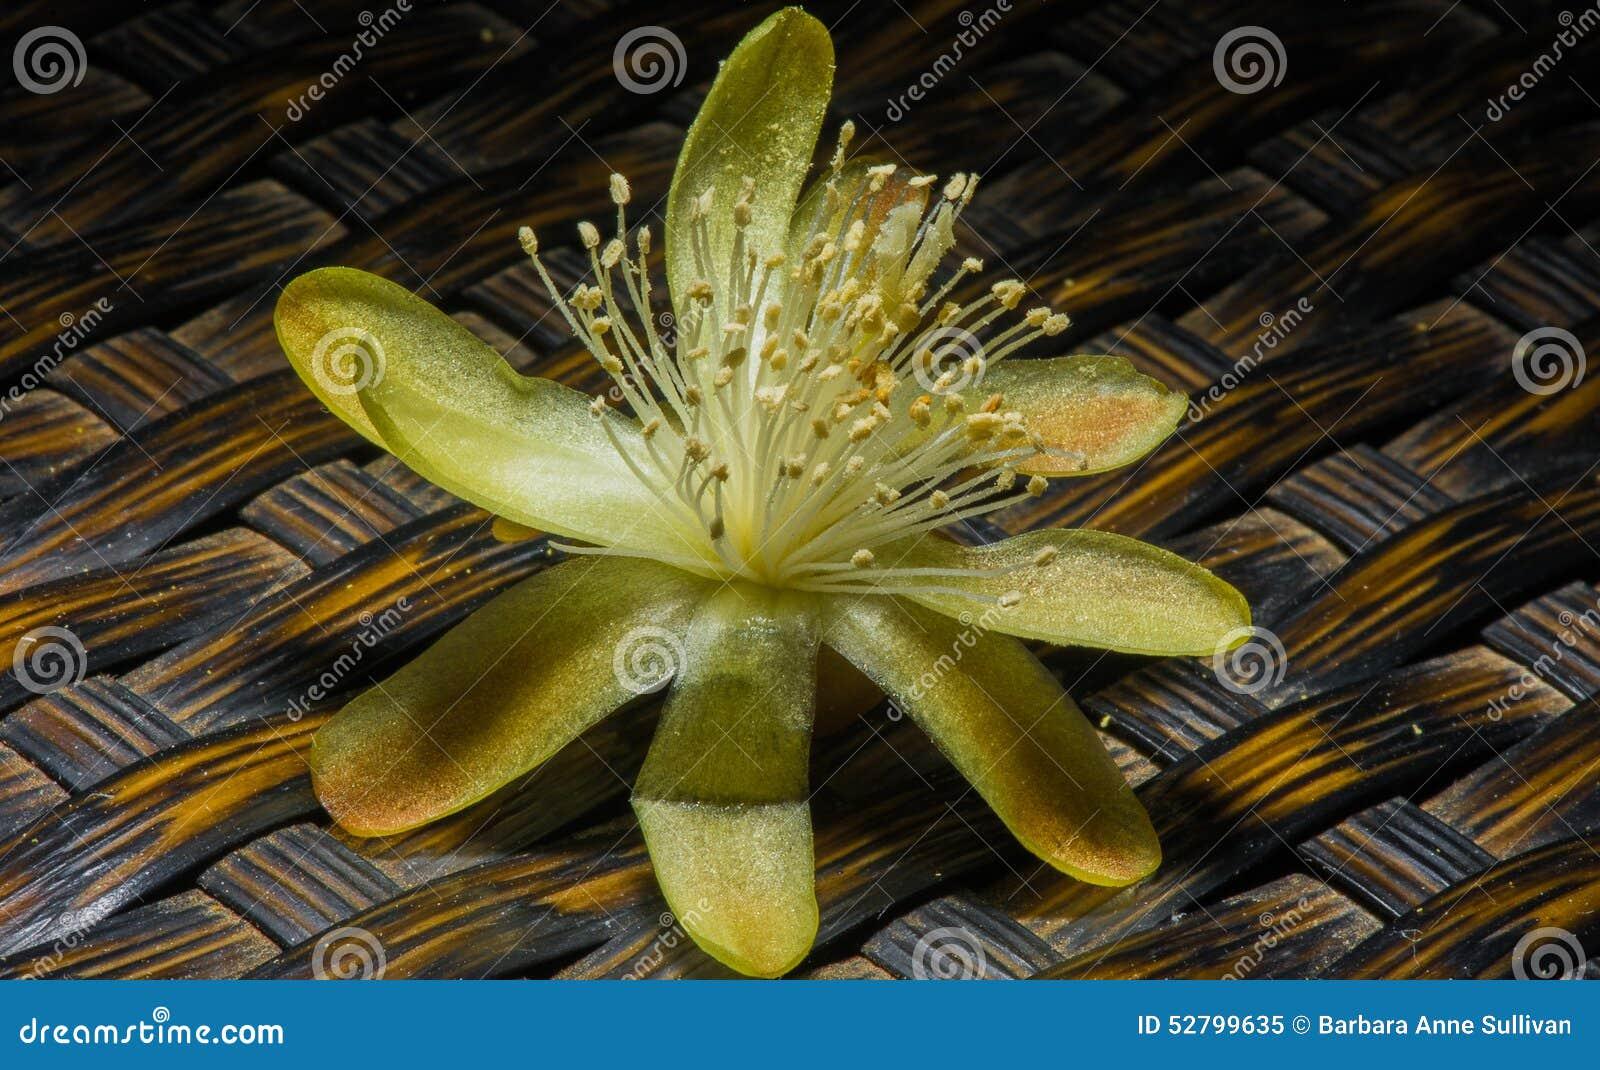 fleur simple de haie de cactus de hildmannianus renversant de